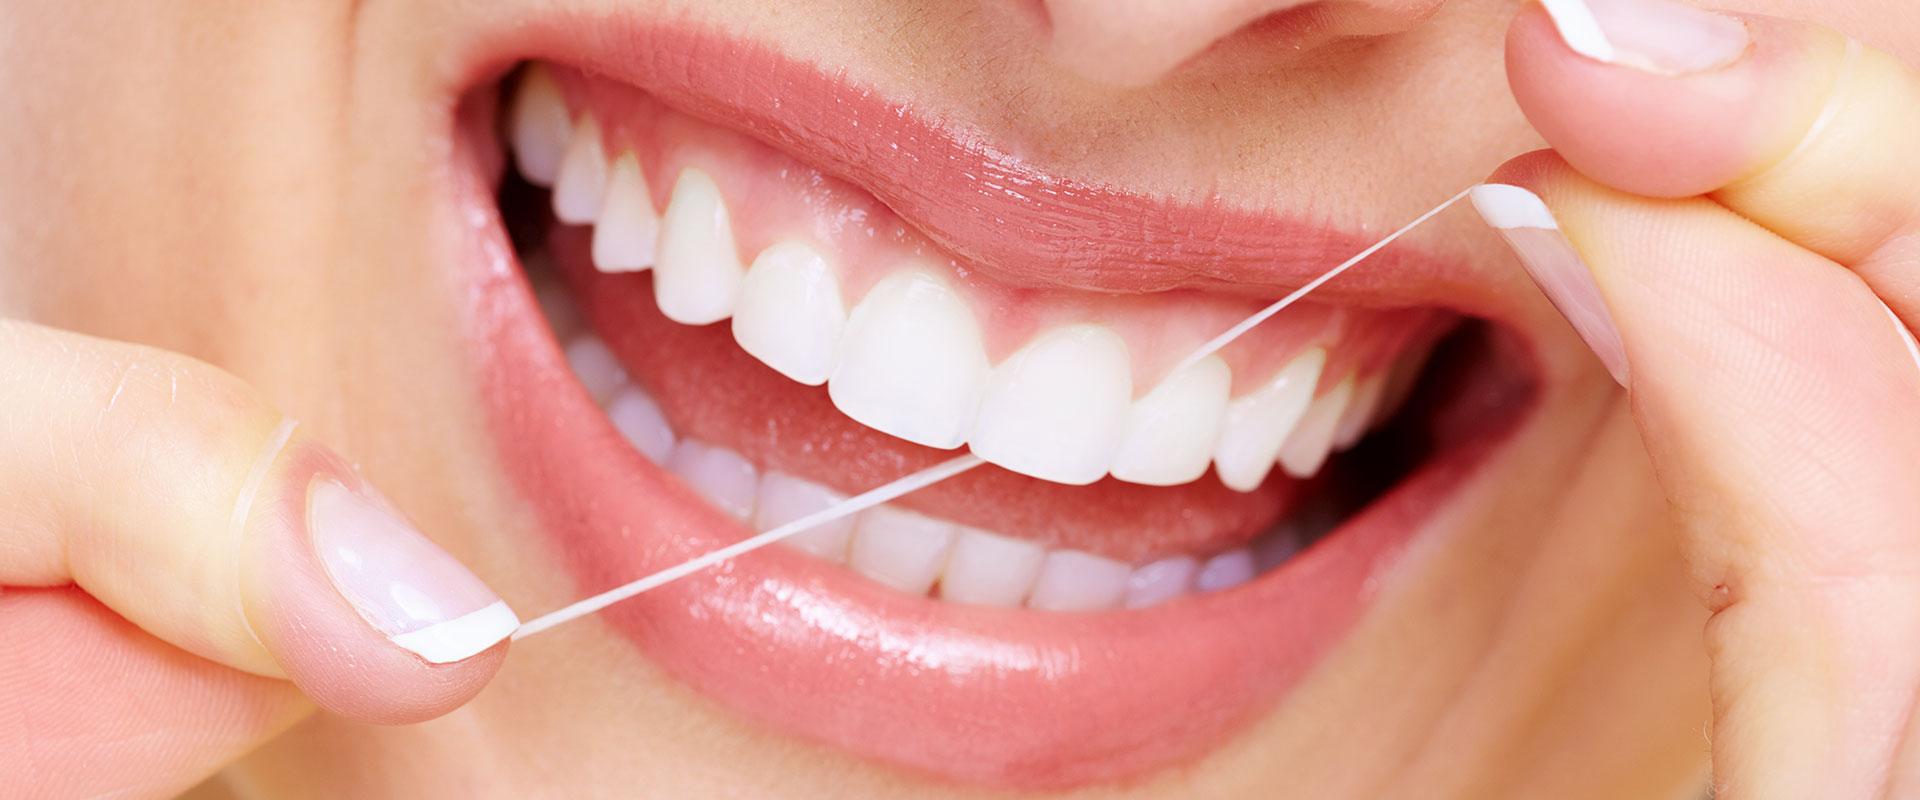 Ața dentară